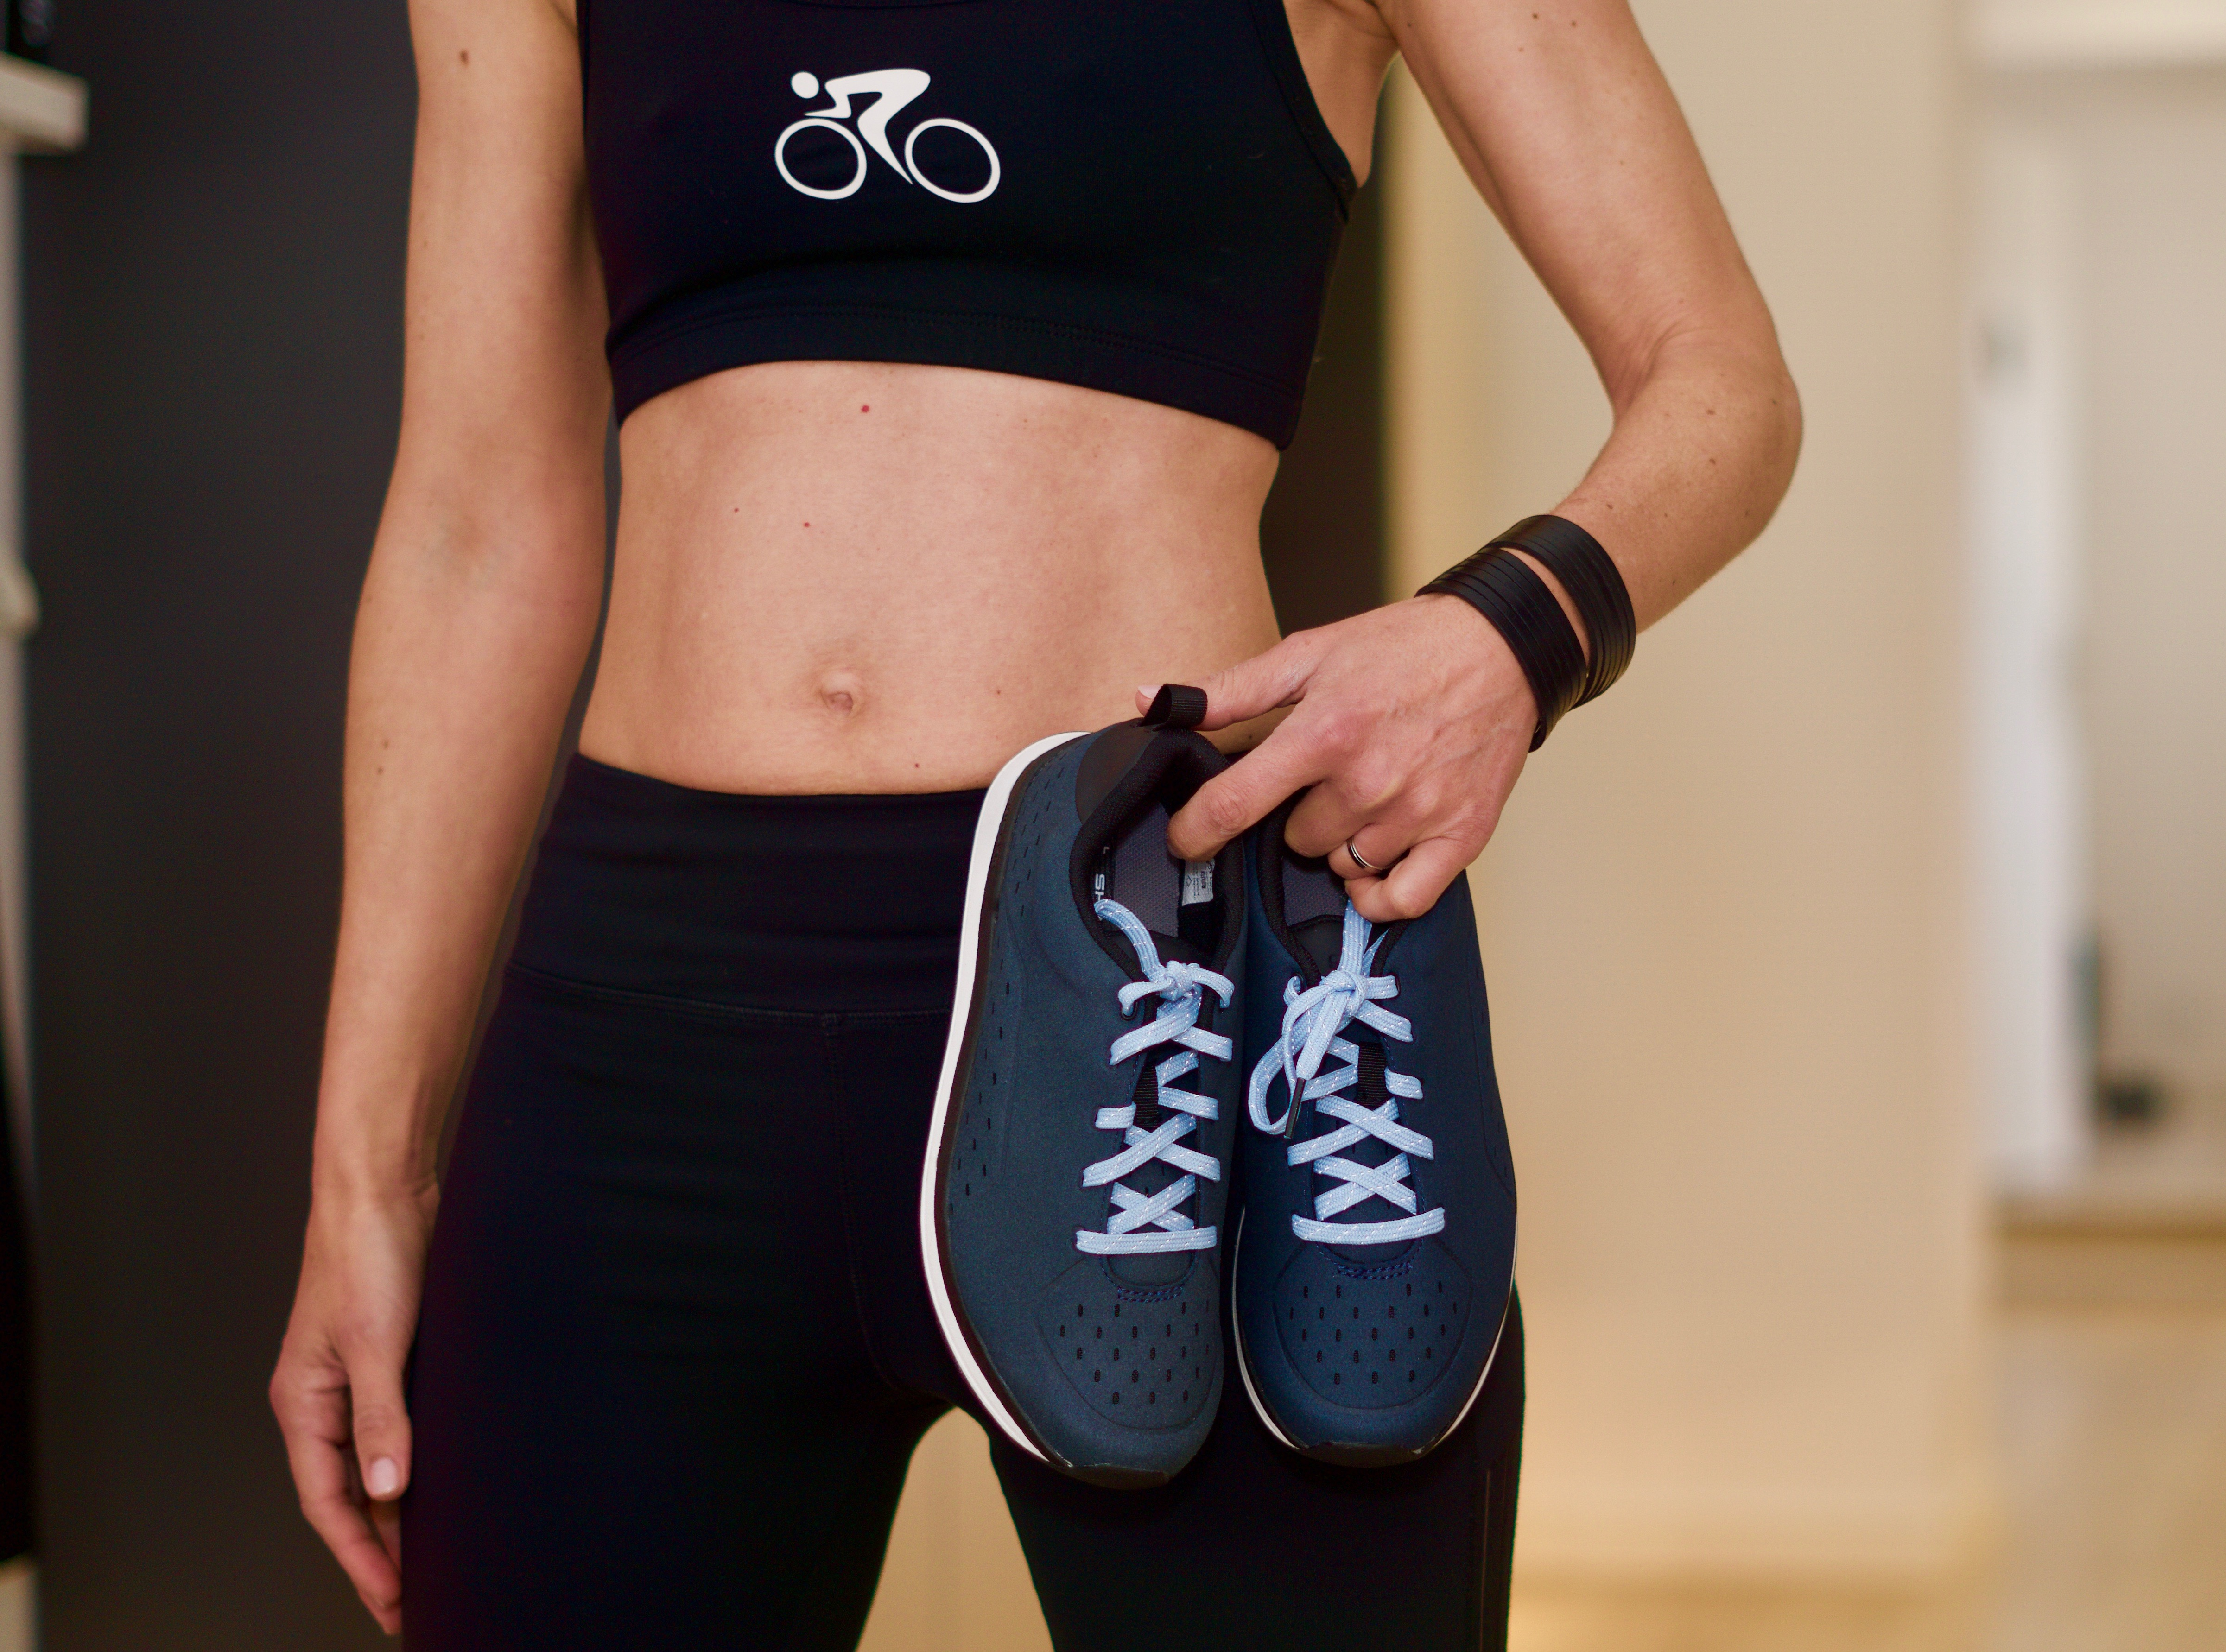 Les chaussures Shimano, votre partenaire idéal pour pratiquer l'indoor cycling à Bordeaux !